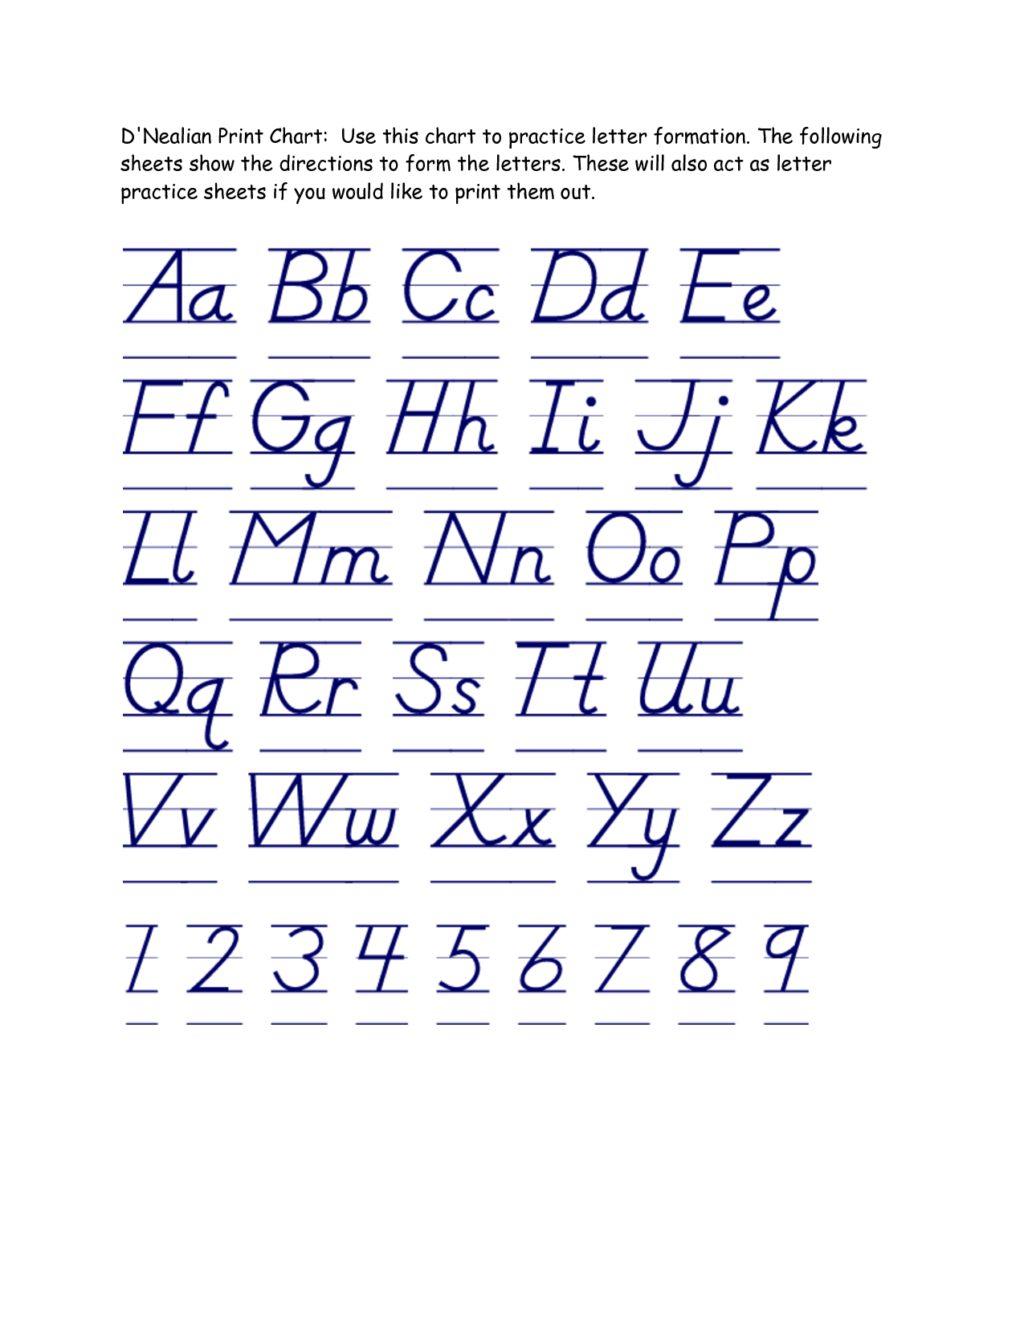 Worksheet ~ Handwriting Practice Worksheets Dnealian